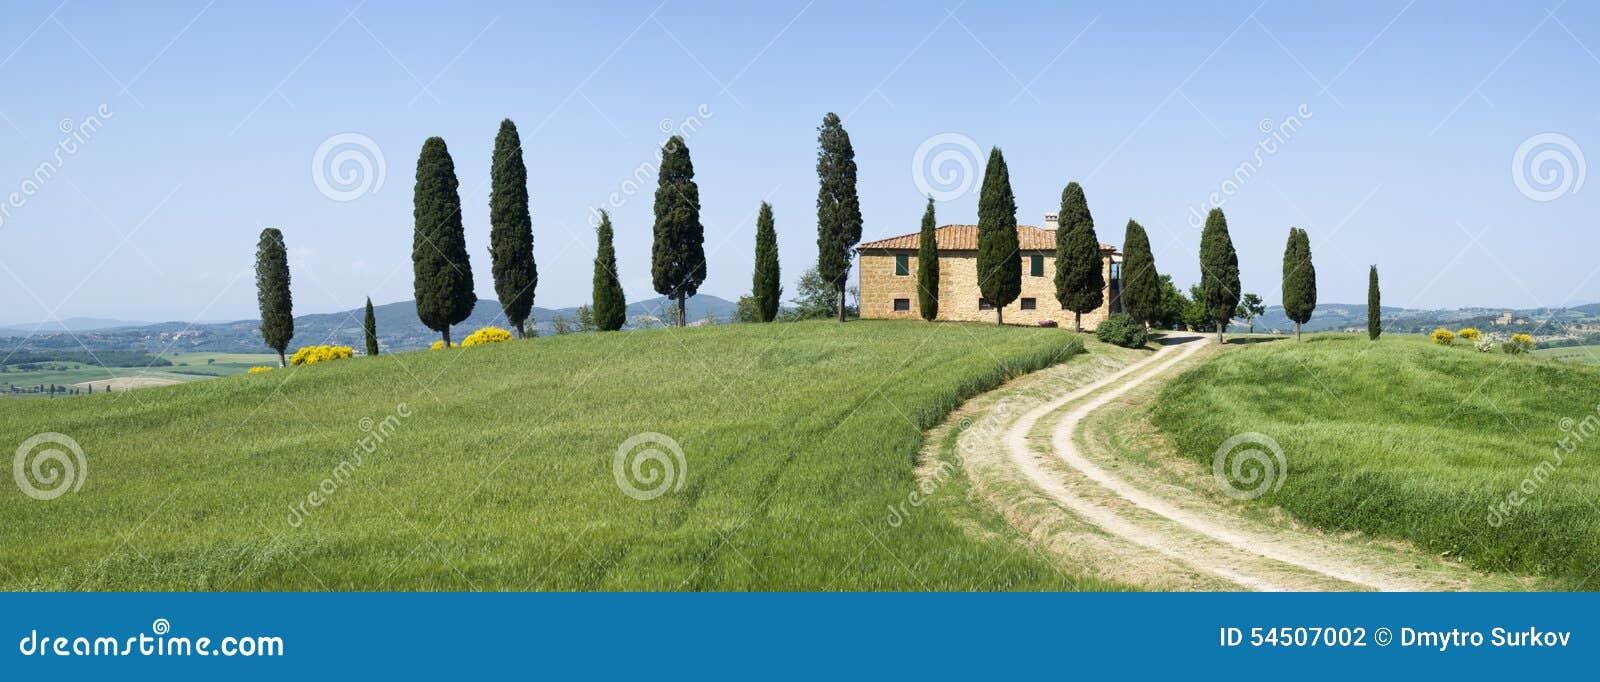 Villa dans le paysage rural